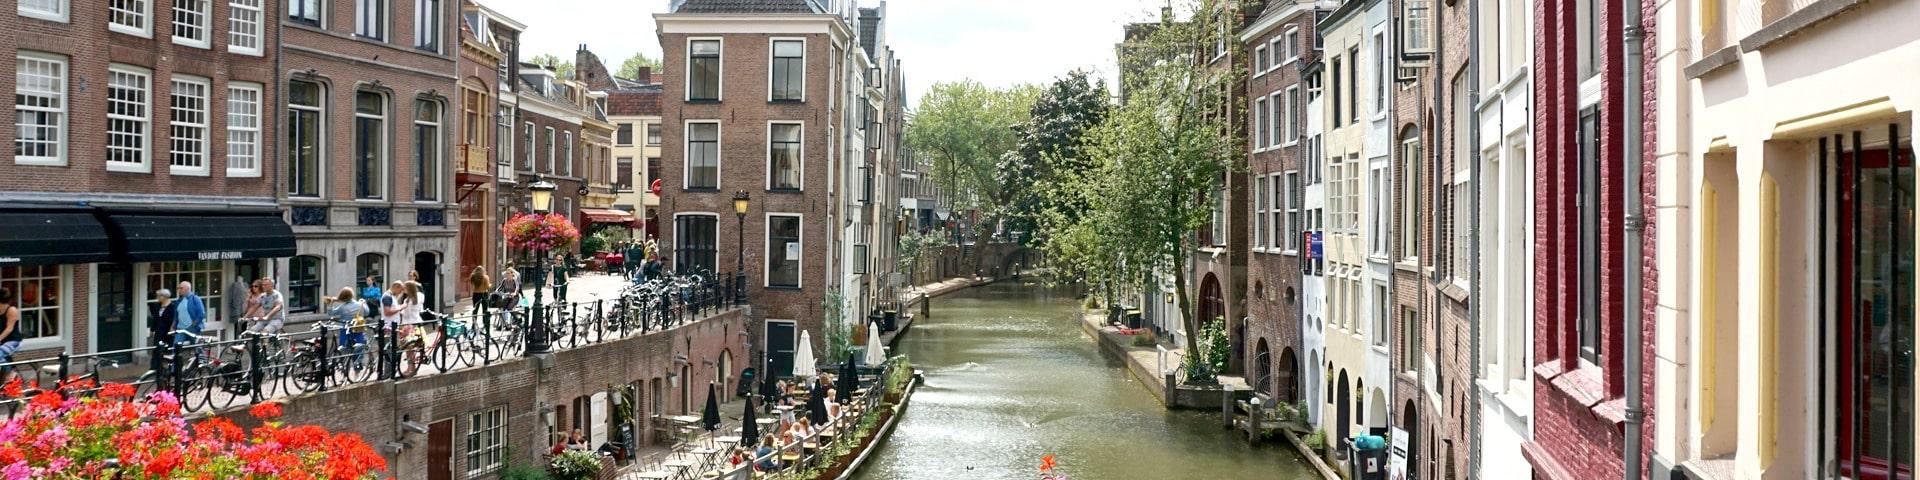 view of Utrecht canal